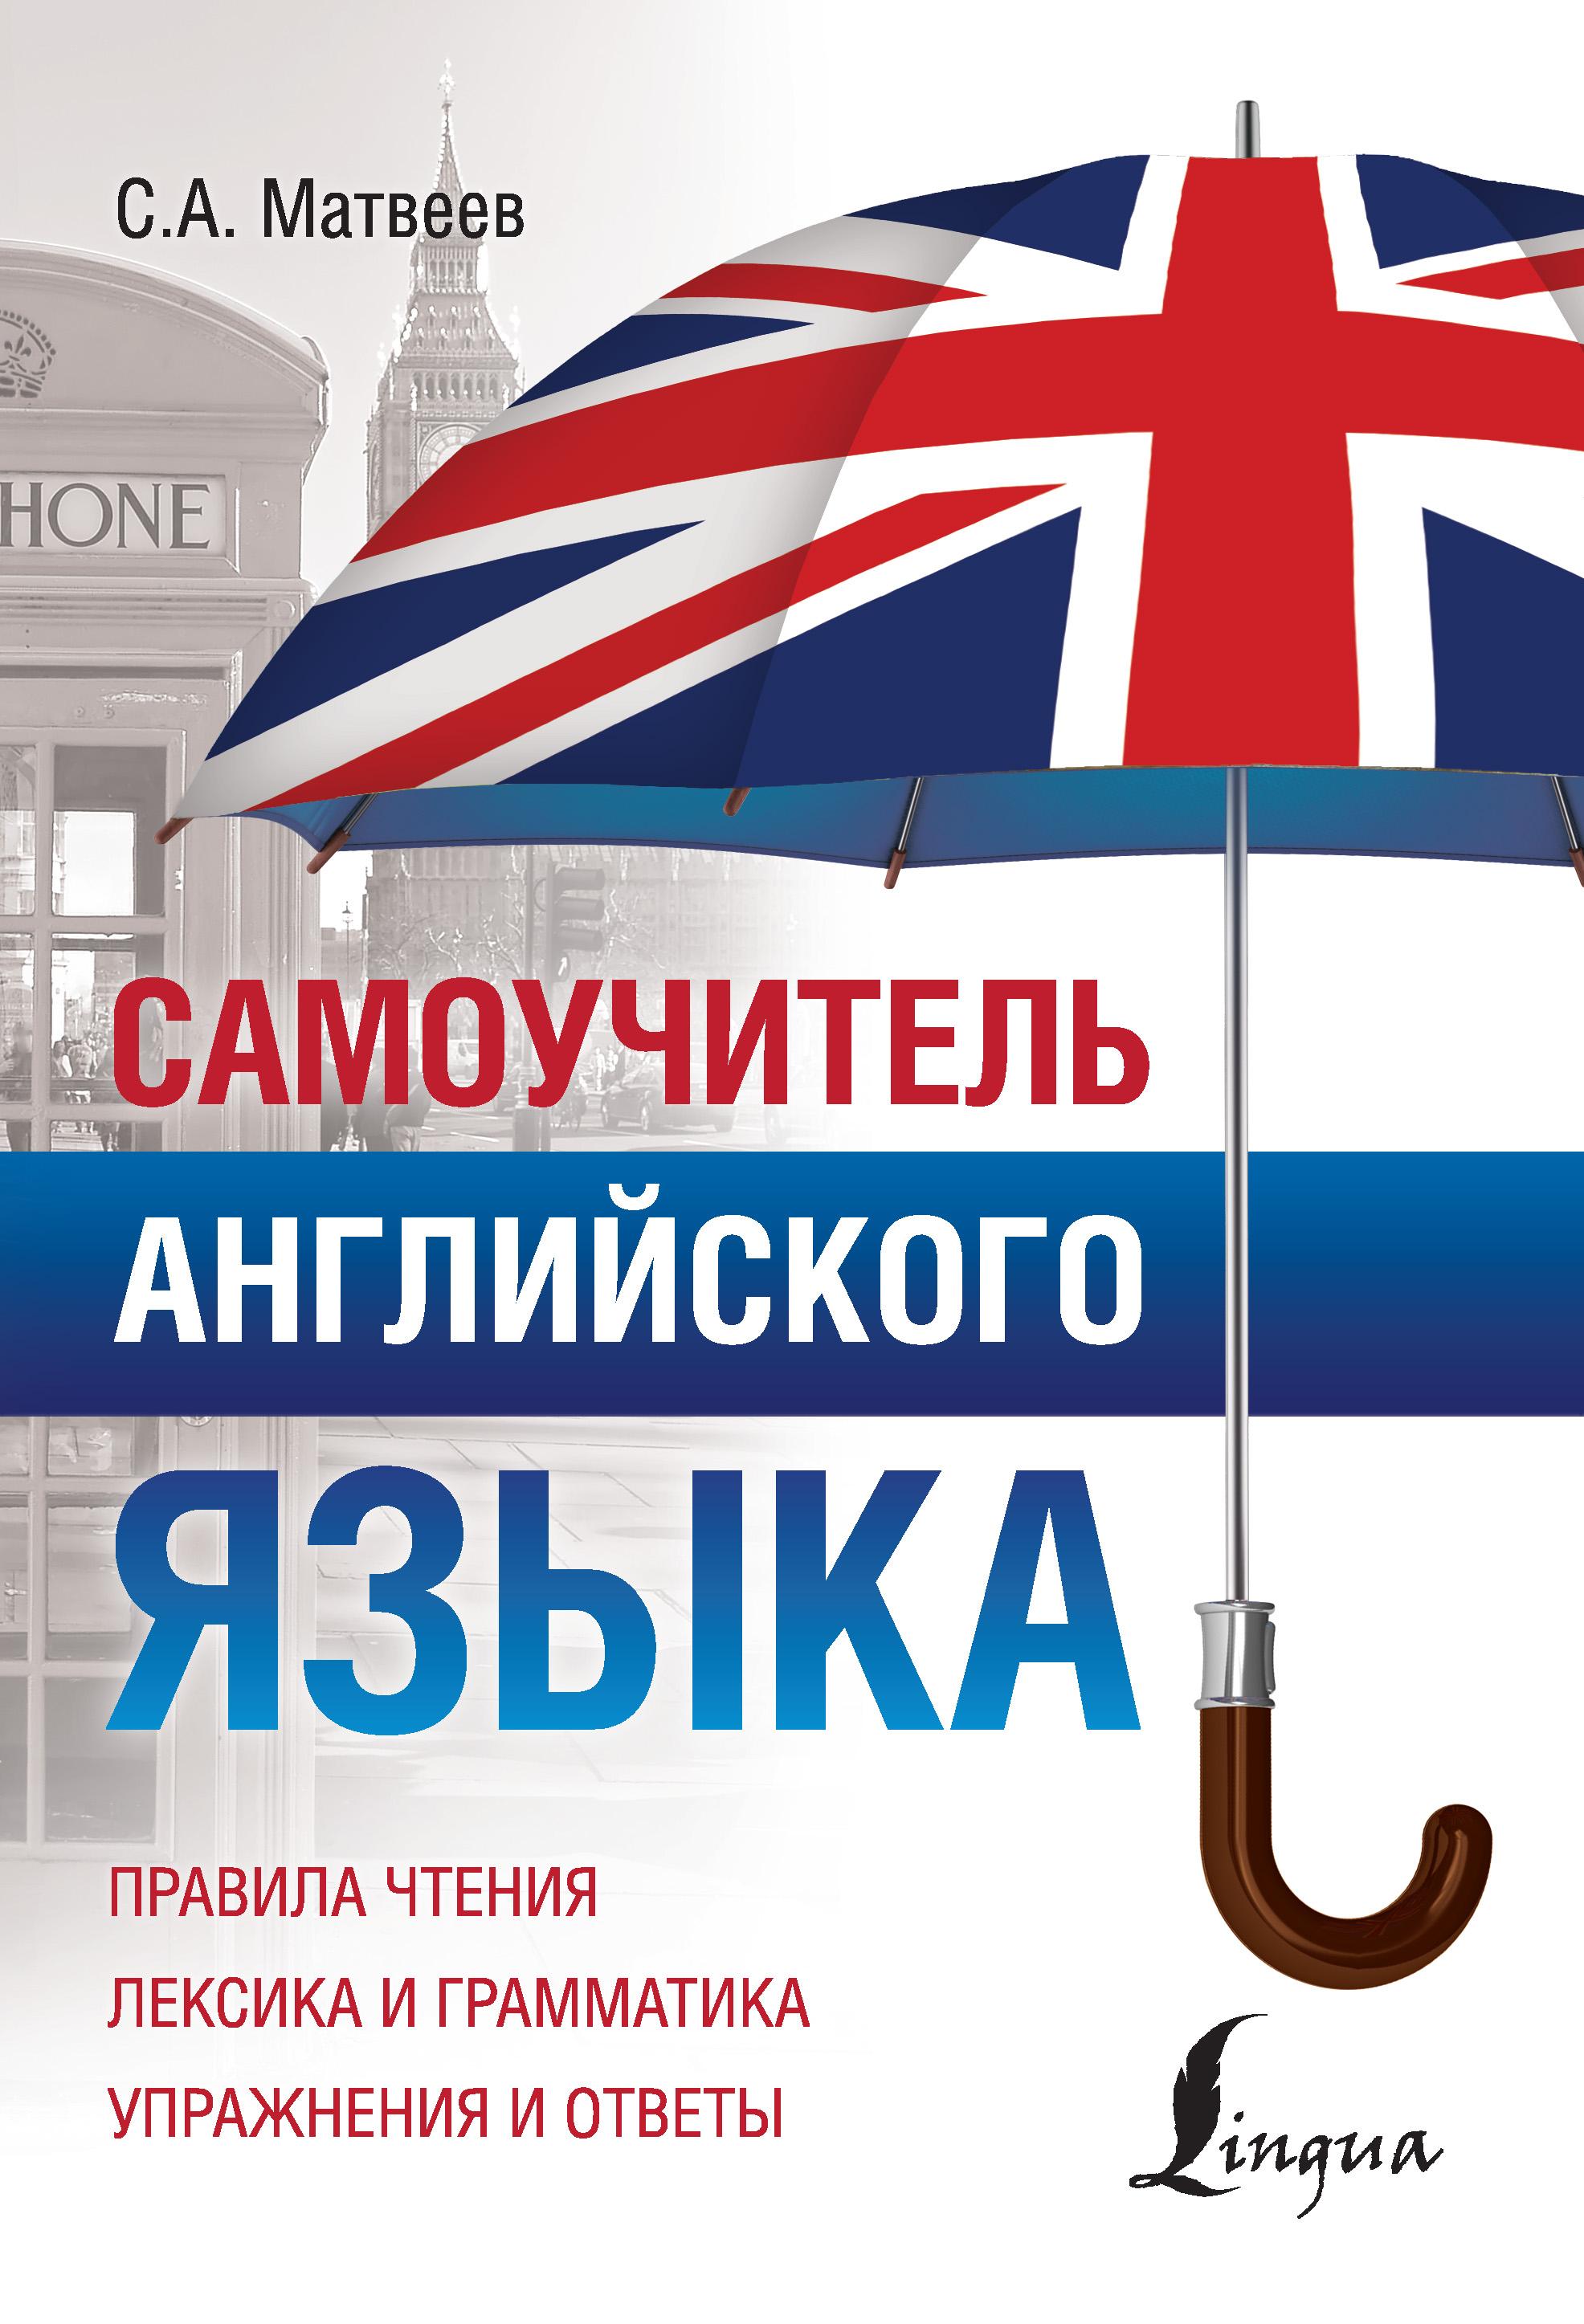 С. А. Матвеев Самоучитель английского языка с а матвеев практический самоучитель английского языка для тех кто хочет не учить а говорить